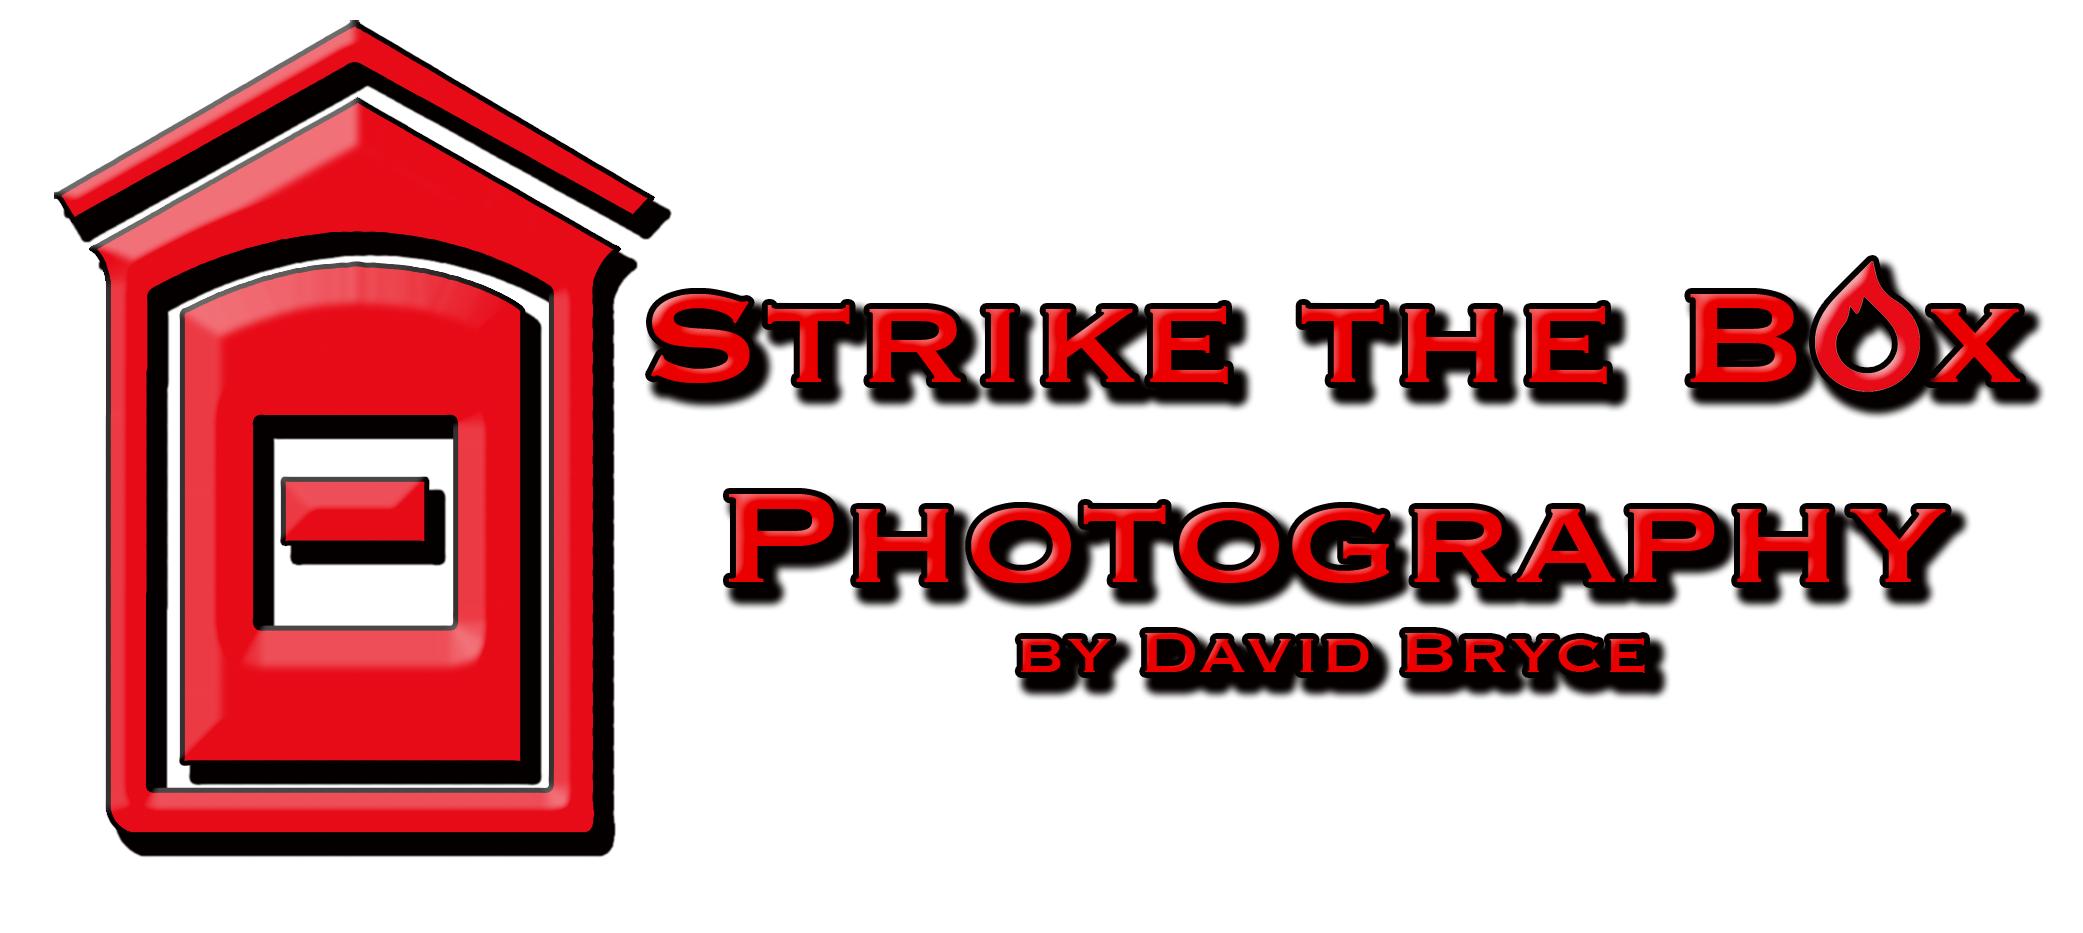 Striketheboxphotography.com